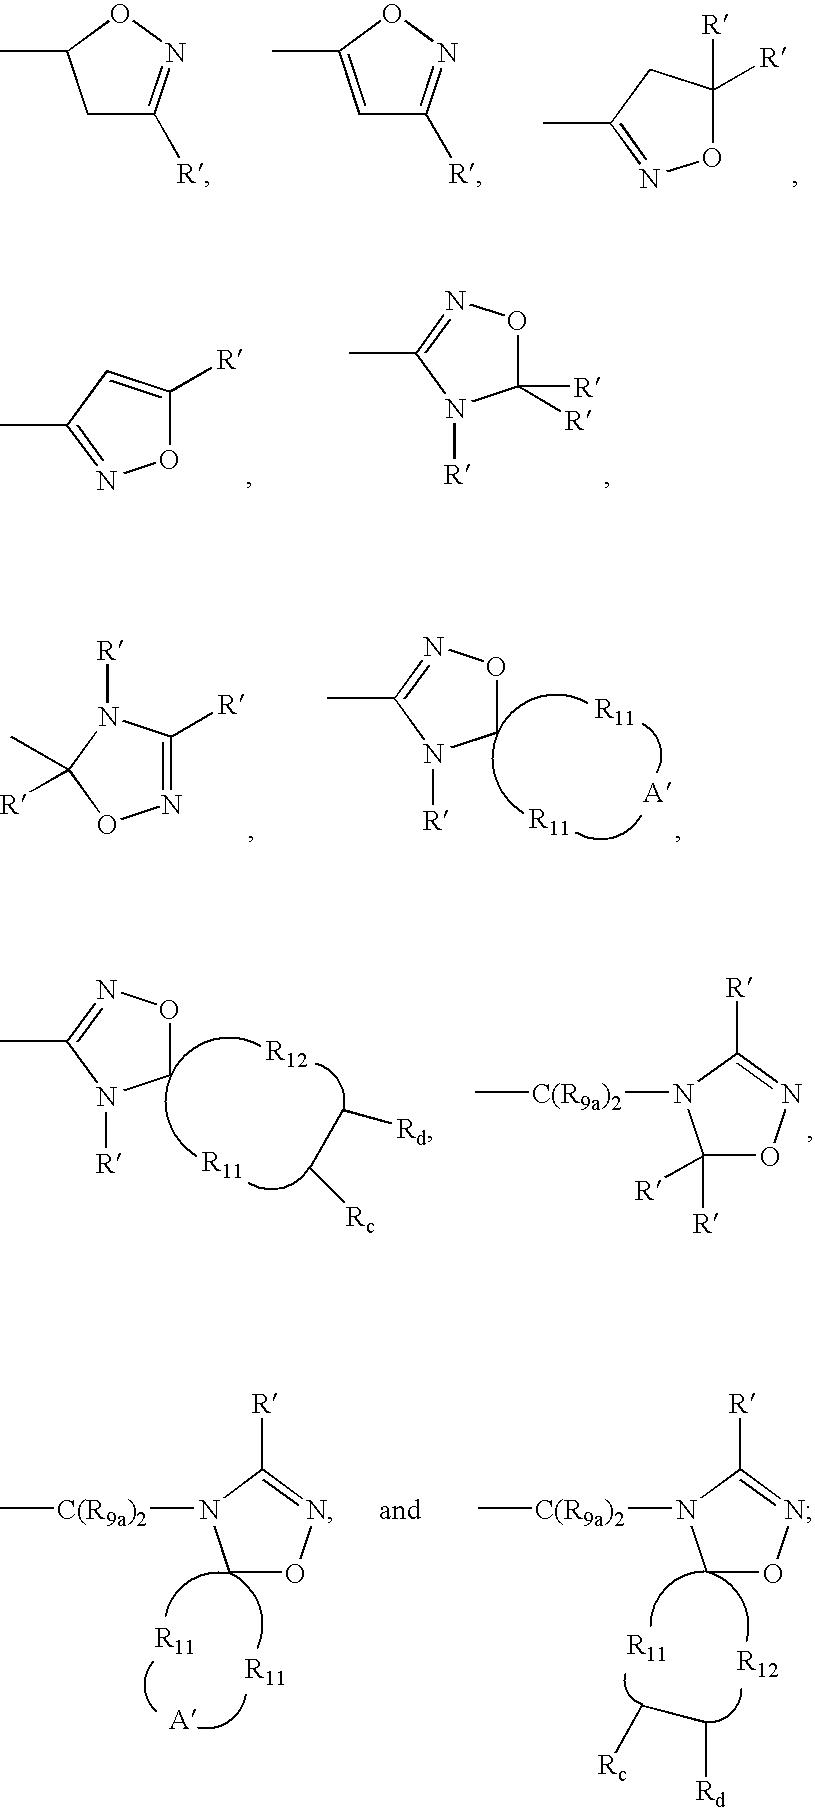 Figure US20070287725A1-20071213-C00156